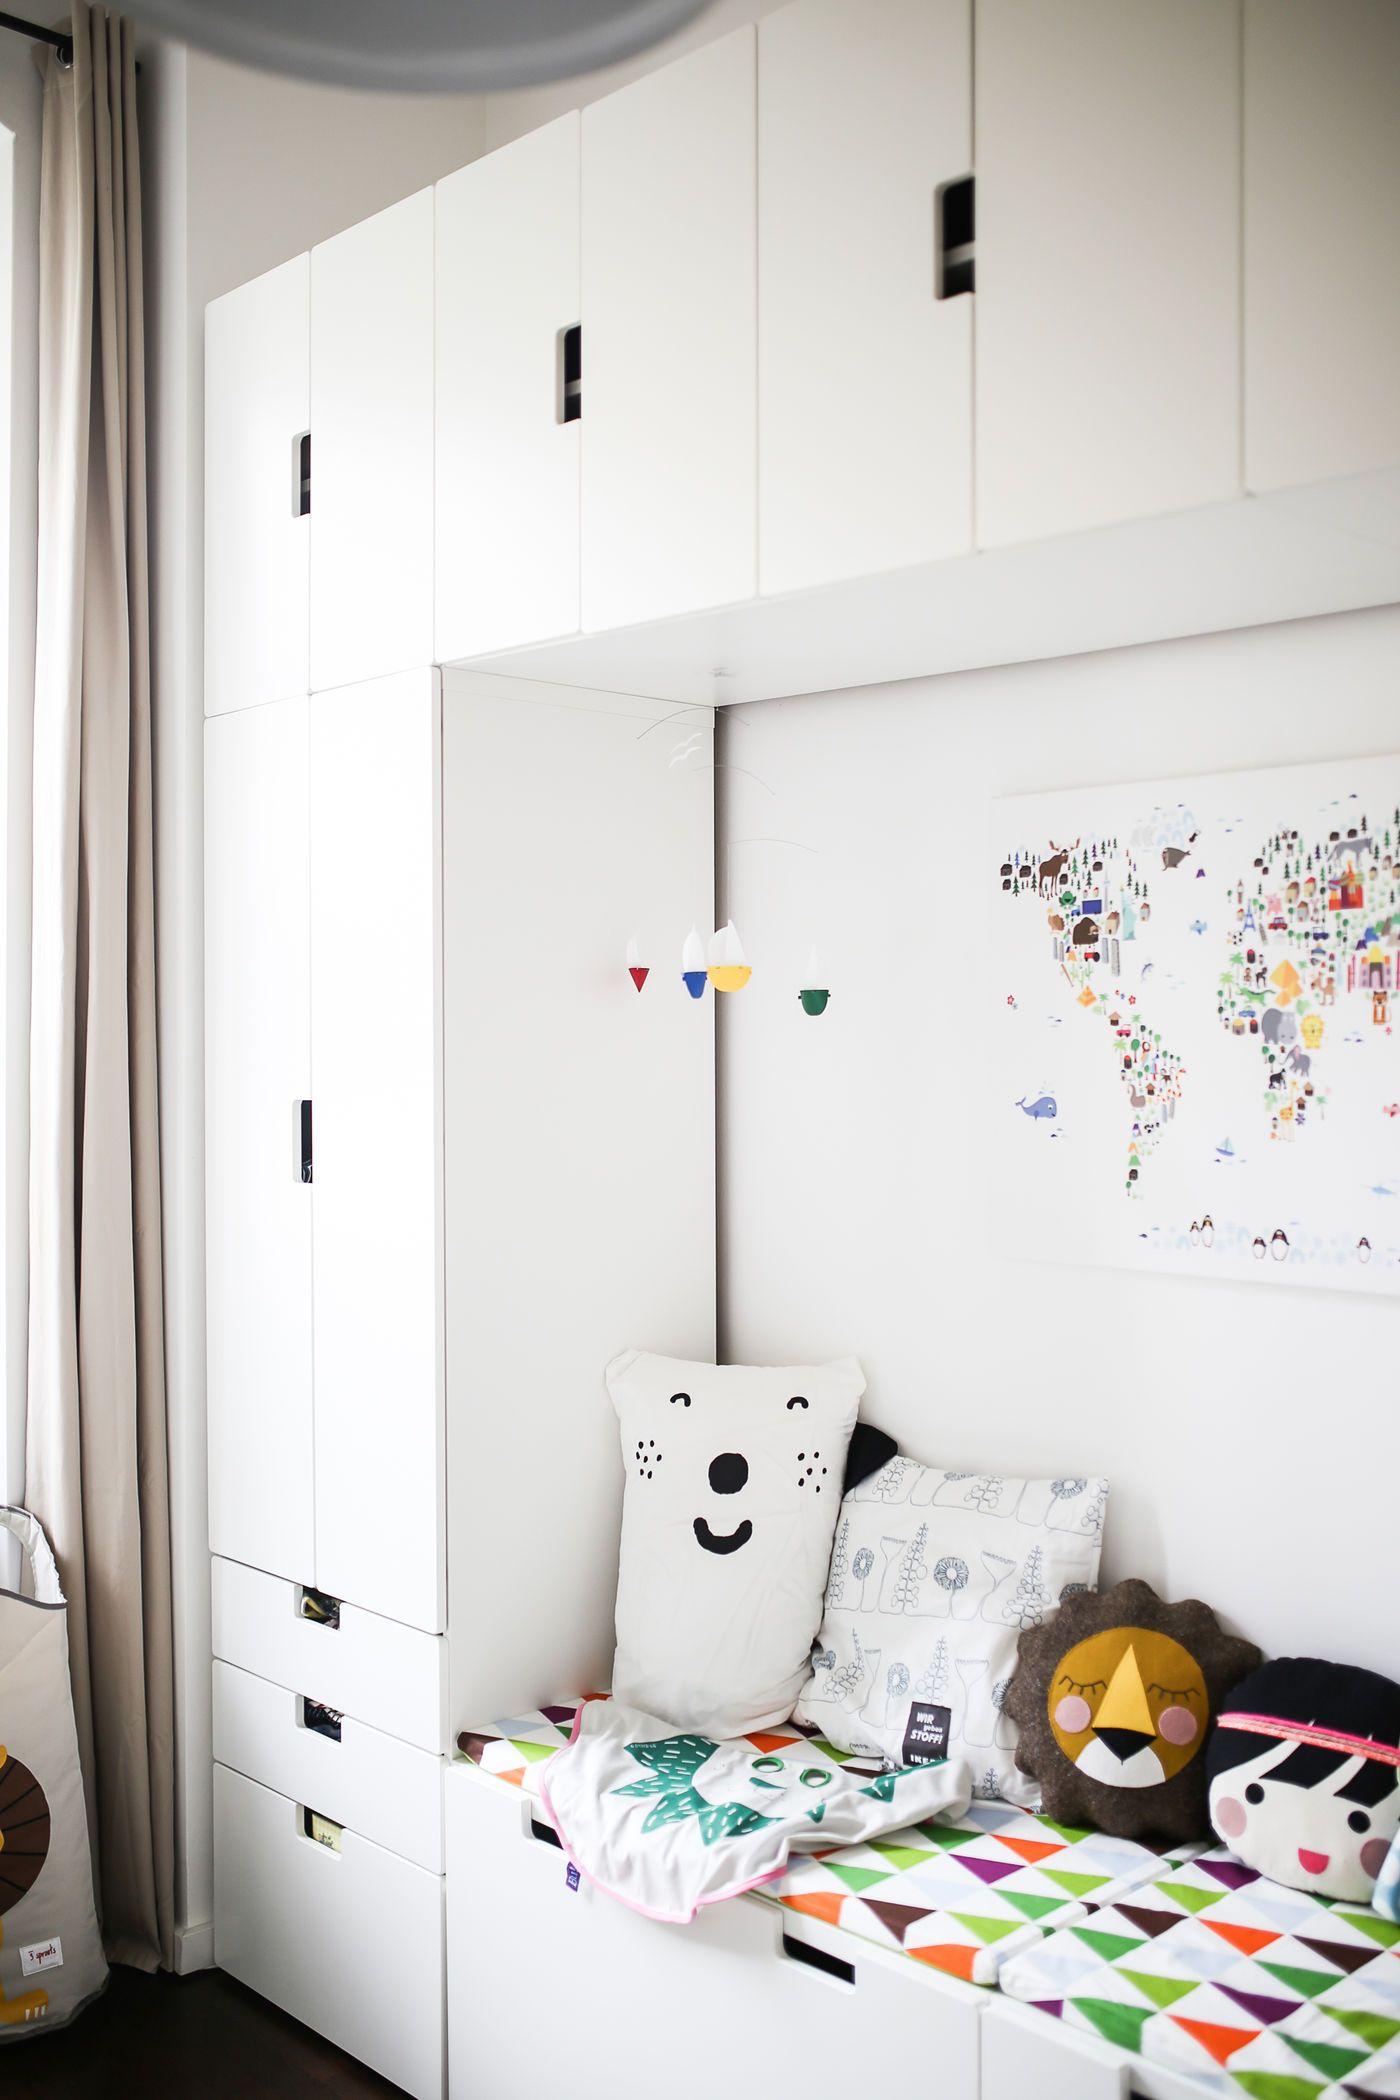 Full Size of Aufbewahrungsboxen Kinderzimmer Ideen Fr Stauraum Und Aufbewahrung Im Sofa Regal Weiß Regale Kinderzimmer Aufbewahrungsboxen Kinderzimmer